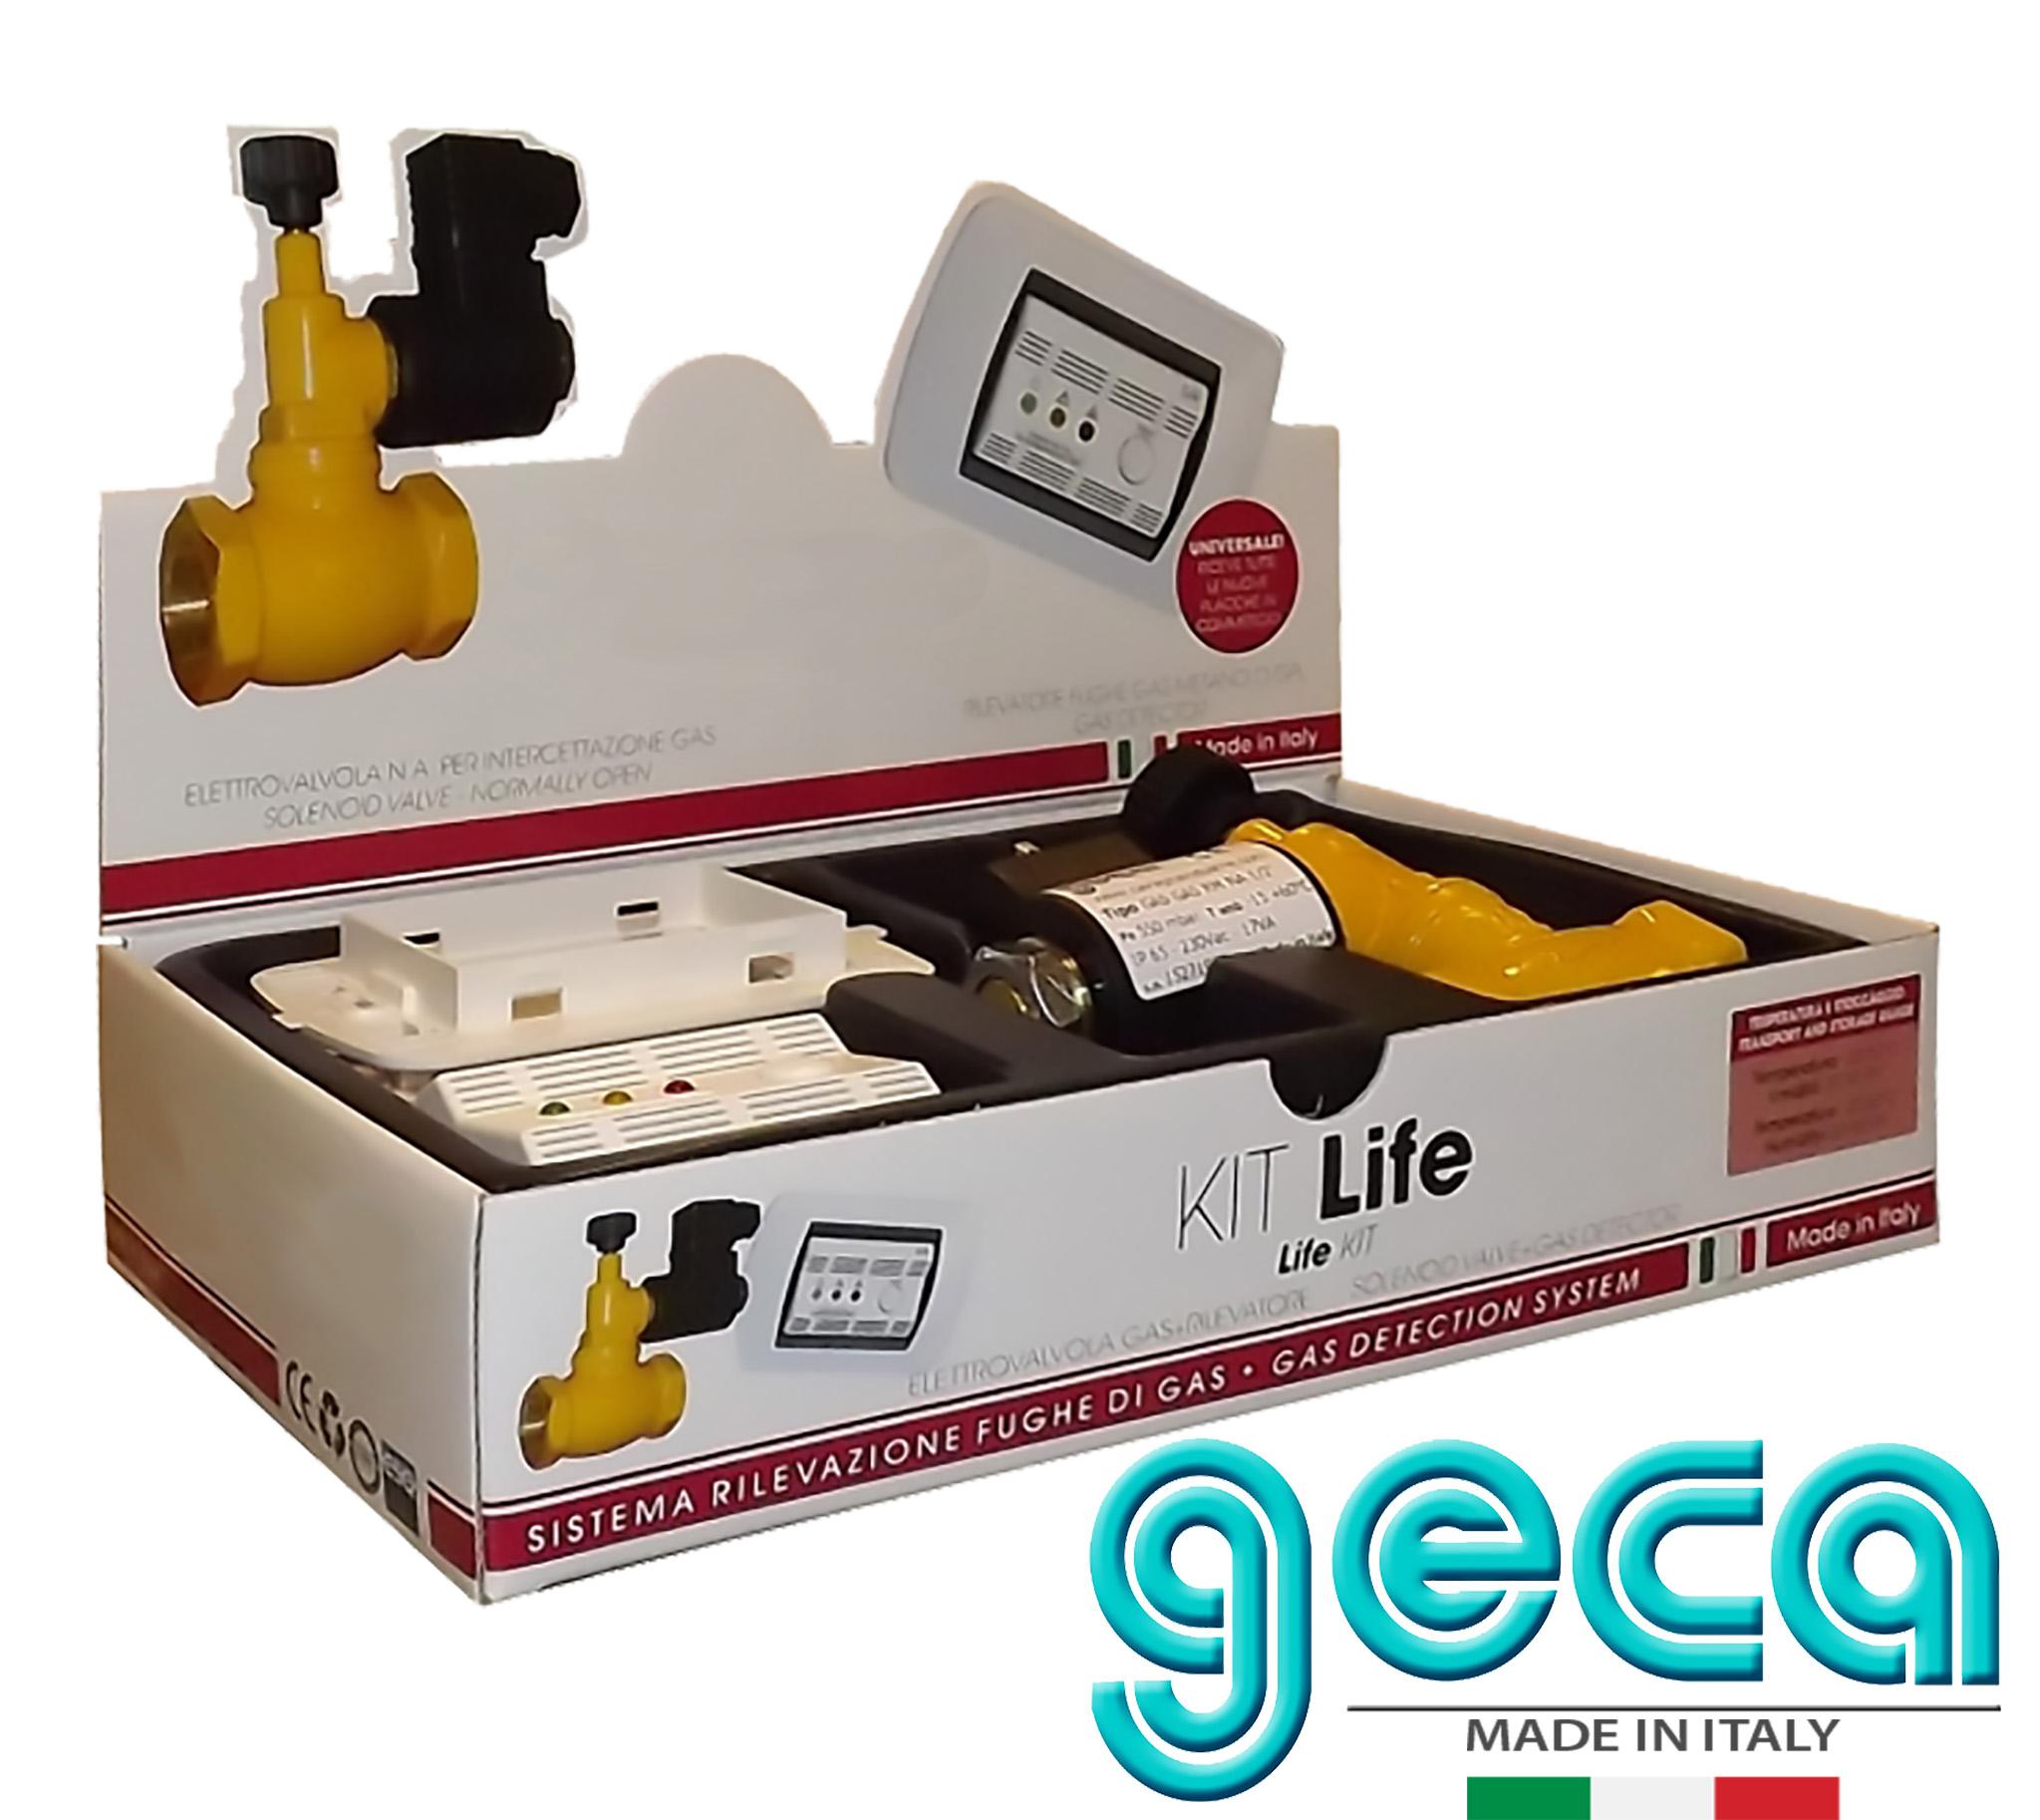 geca kit life sicurezza rivelatore fughe di gas gpl con elettrovalvola 3 4 pollice vendita. Black Bedroom Furniture Sets. Home Design Ideas